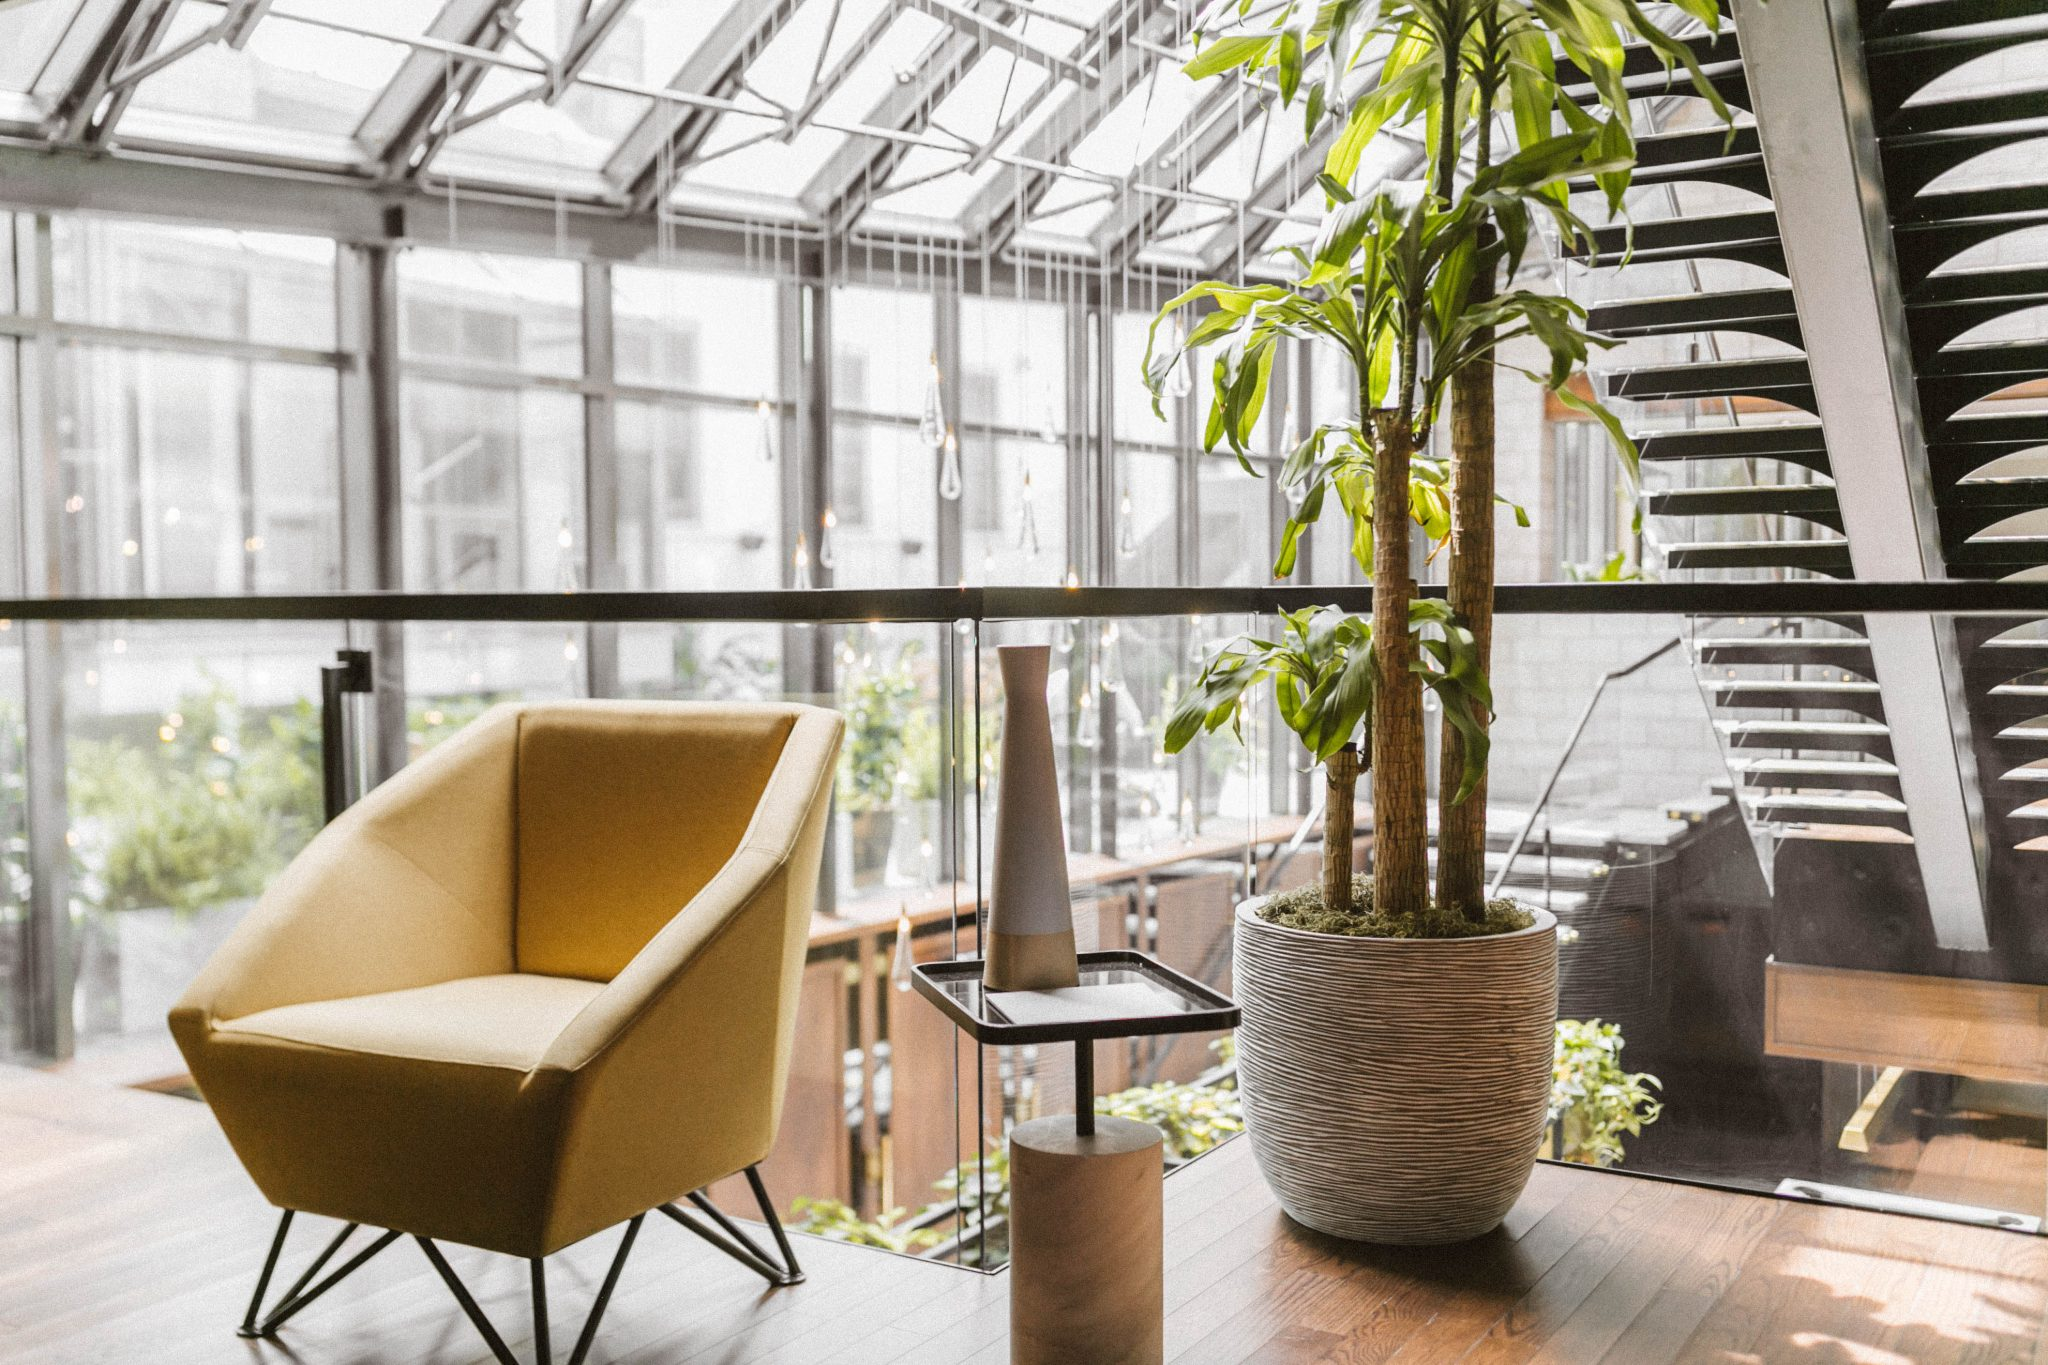 Une photo du lobby de l'Hôtel William Gray avec une chaise, des plantes et des escaliers en arrière-plan.